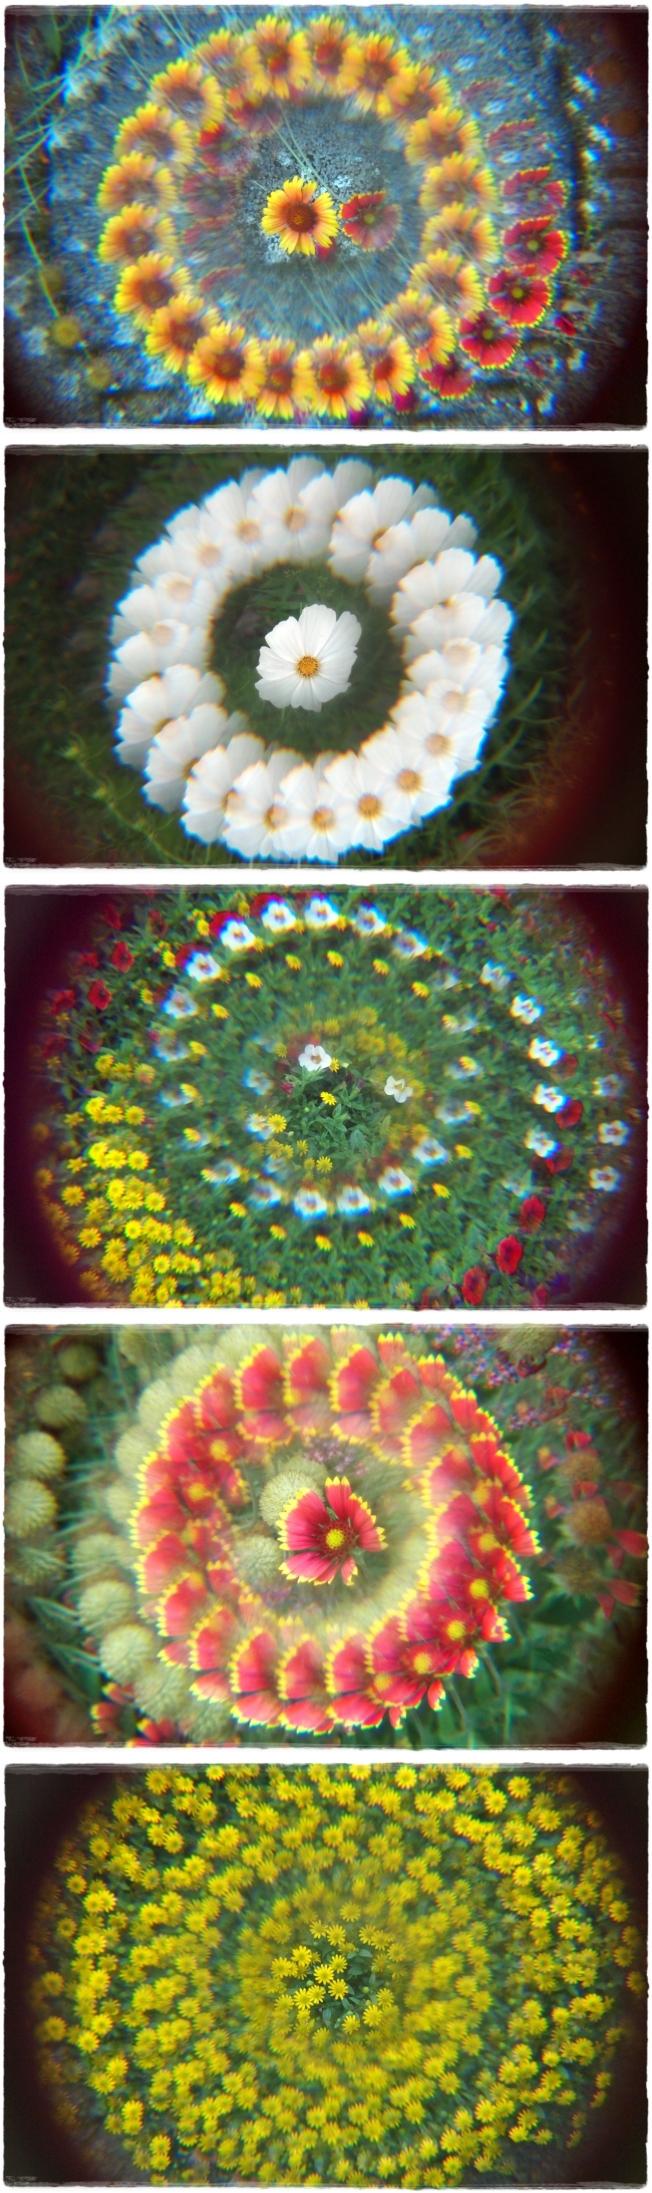 Blumenspielerei